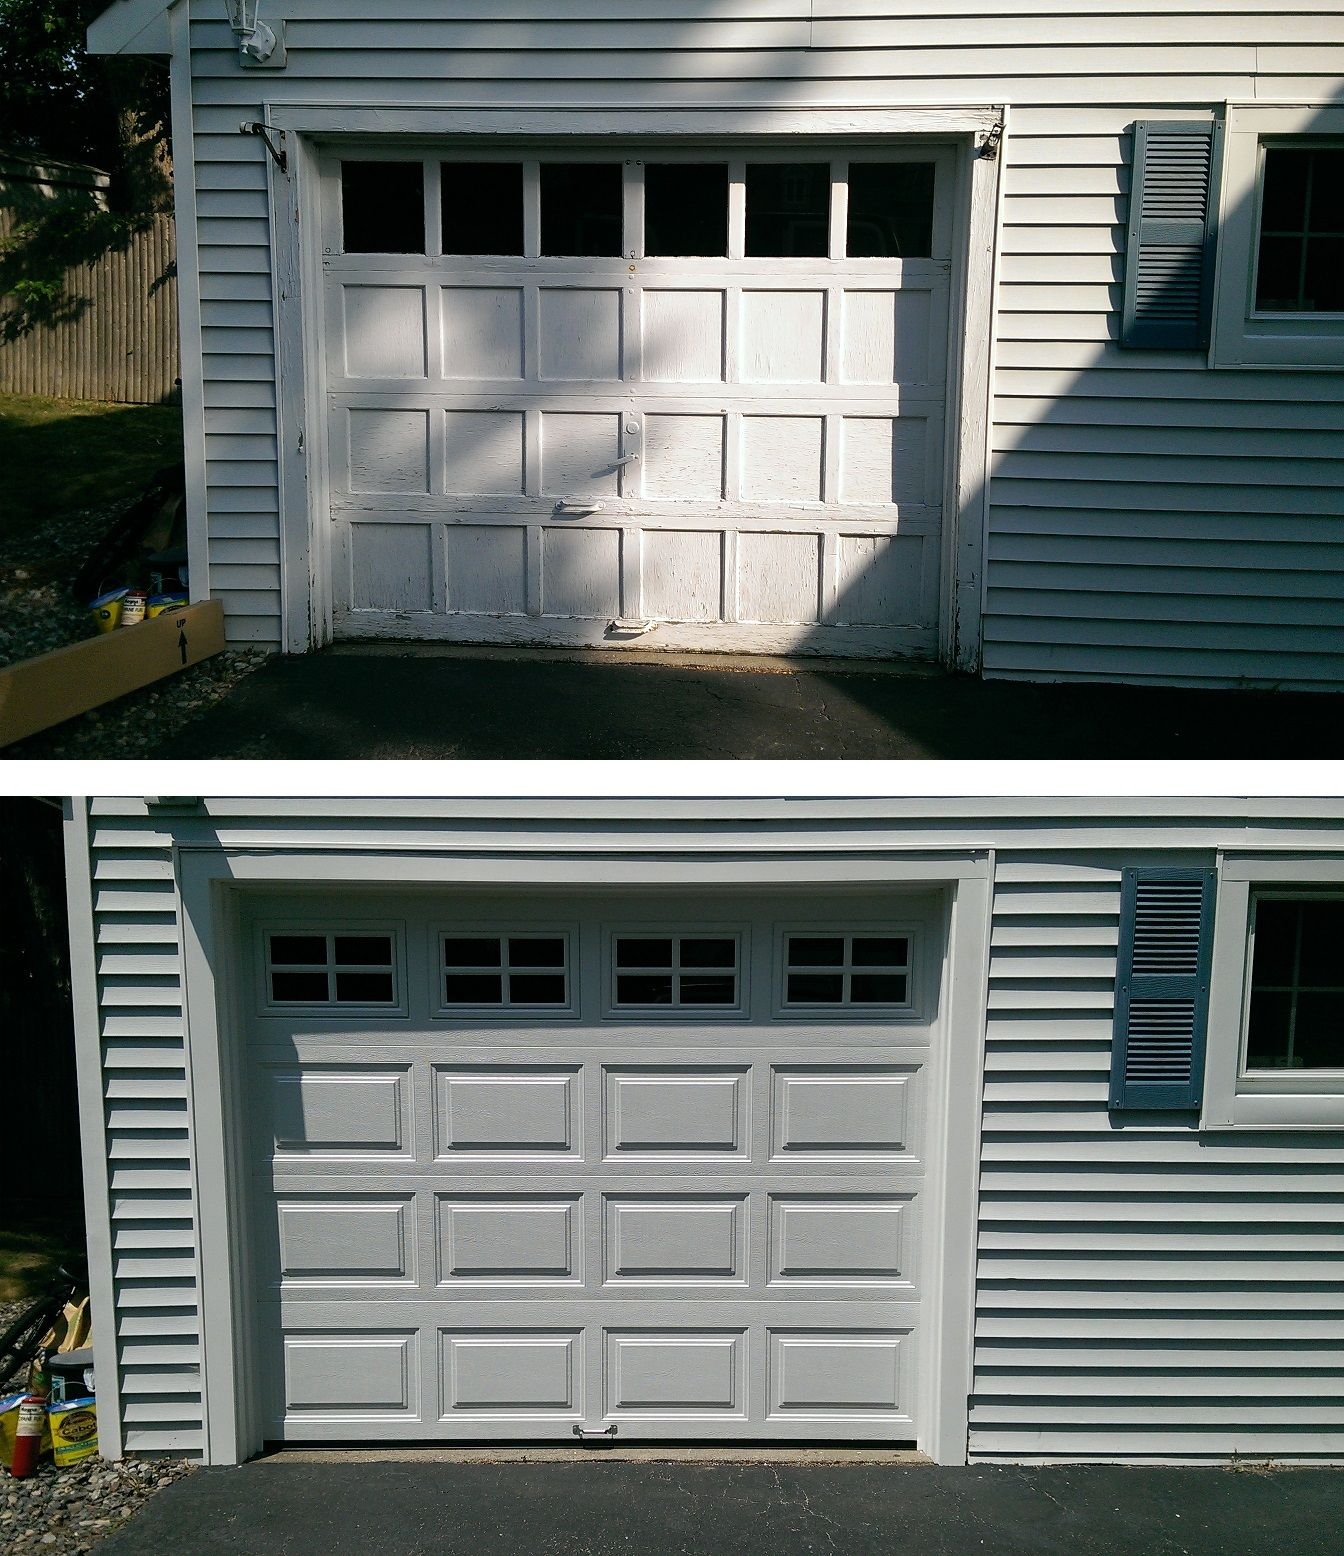 Old Wood Recessed Panel Door Replaced With Clopay 4050 Raised Panel Steel Insulated Garage Door In White With Garage Doors Garage Door Types Home Building Tips